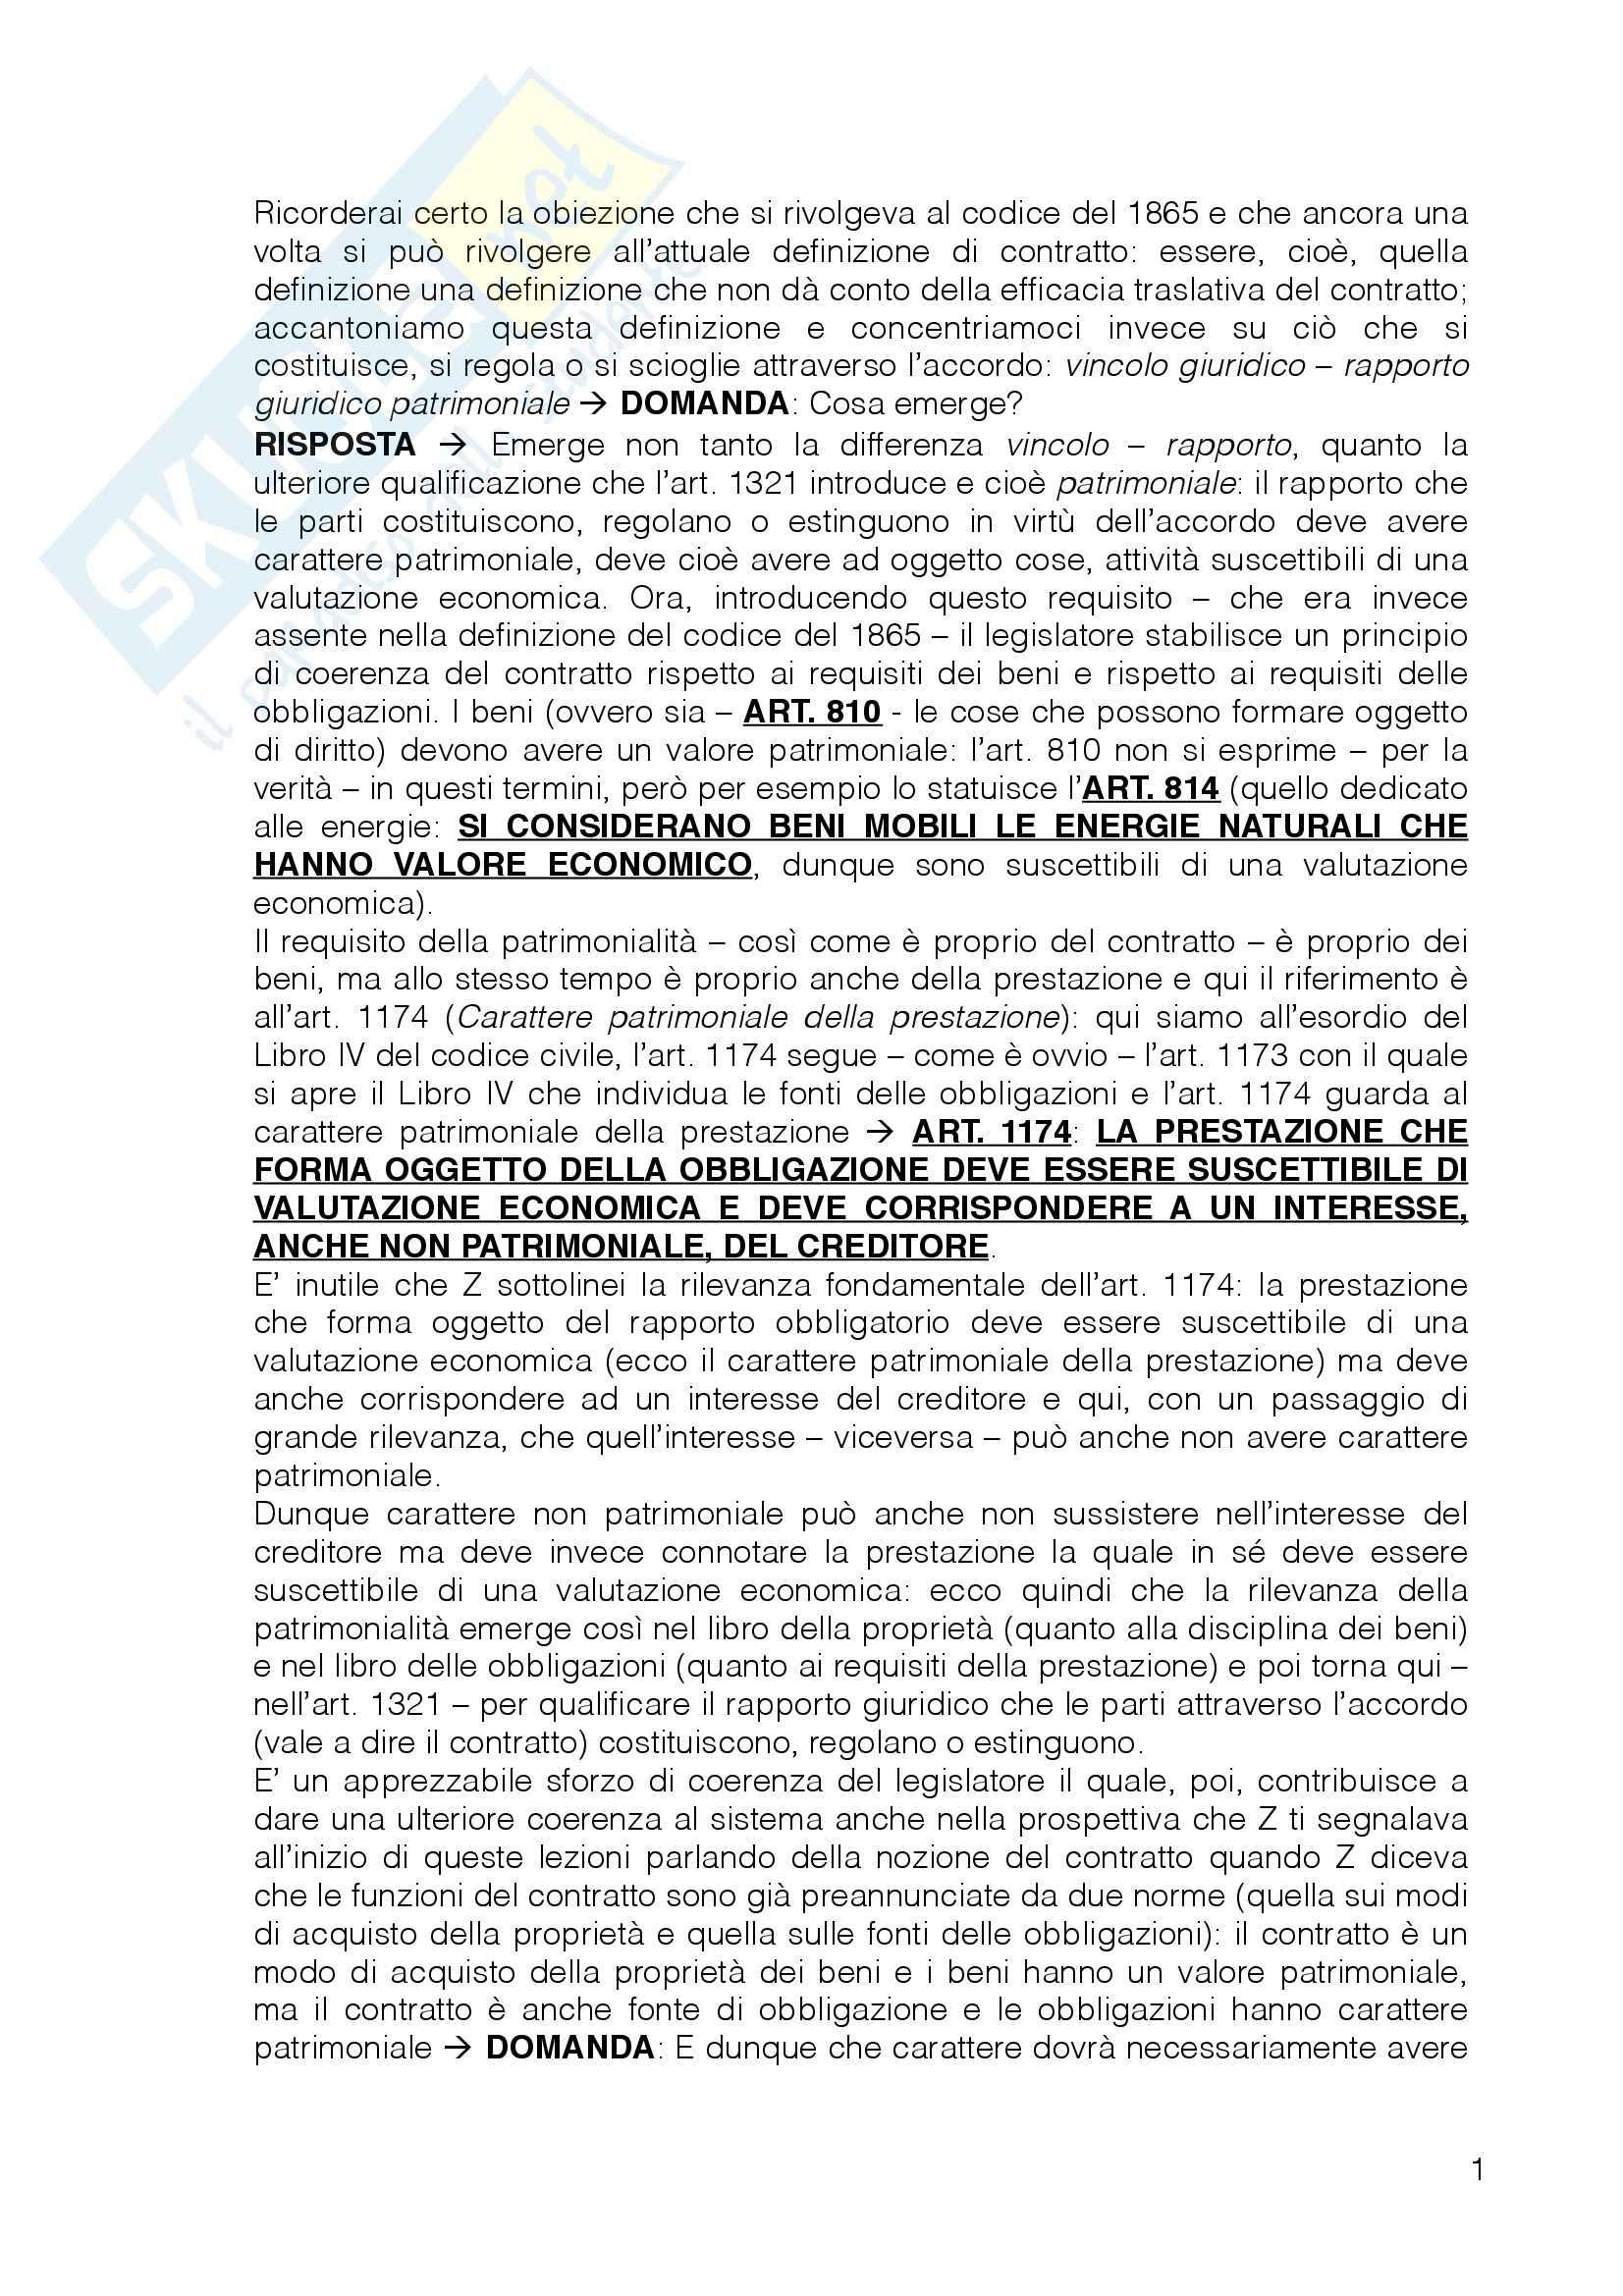 Diritto Privato II - Appunti Pag. 41